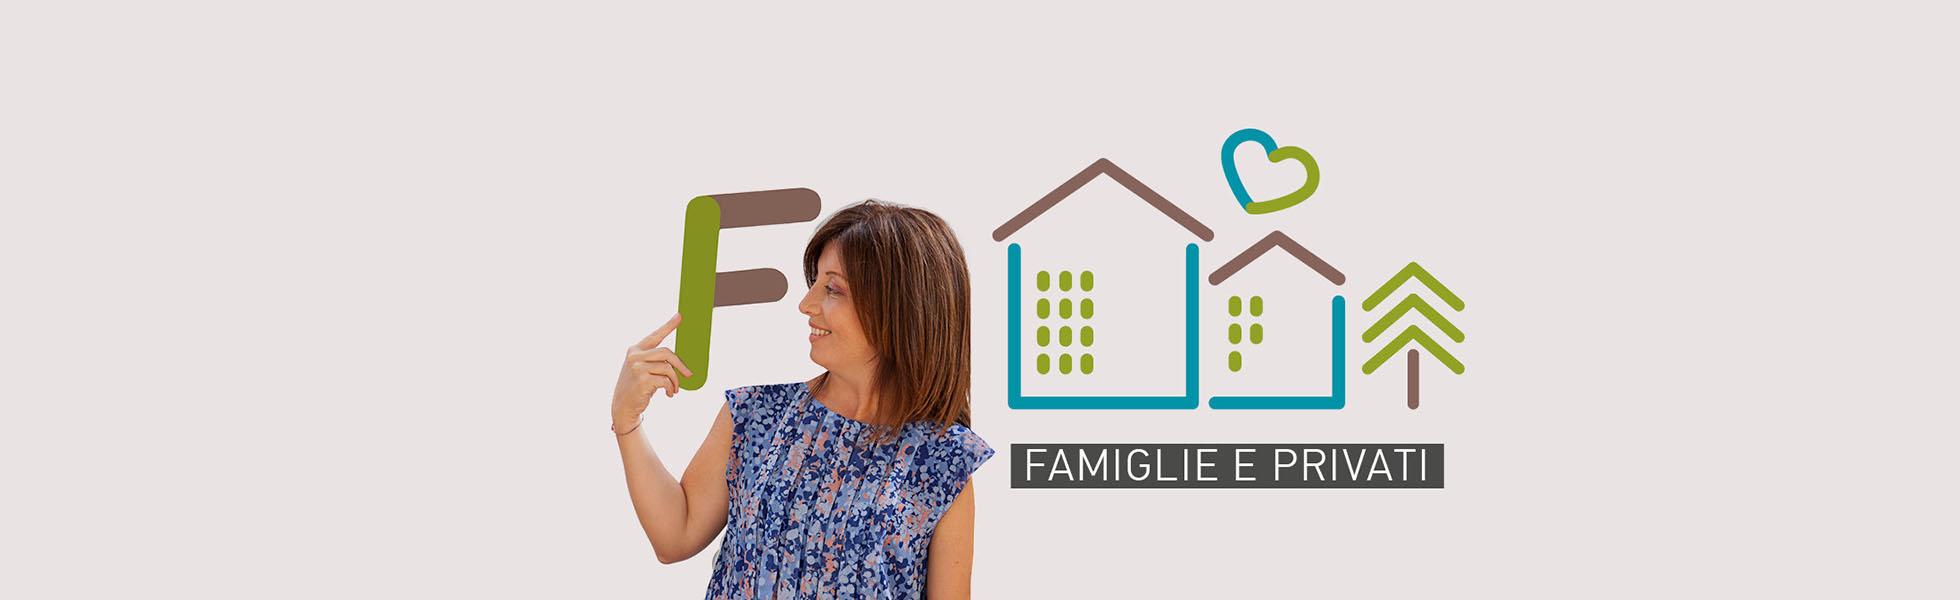 Famiglie e Privati_responsive